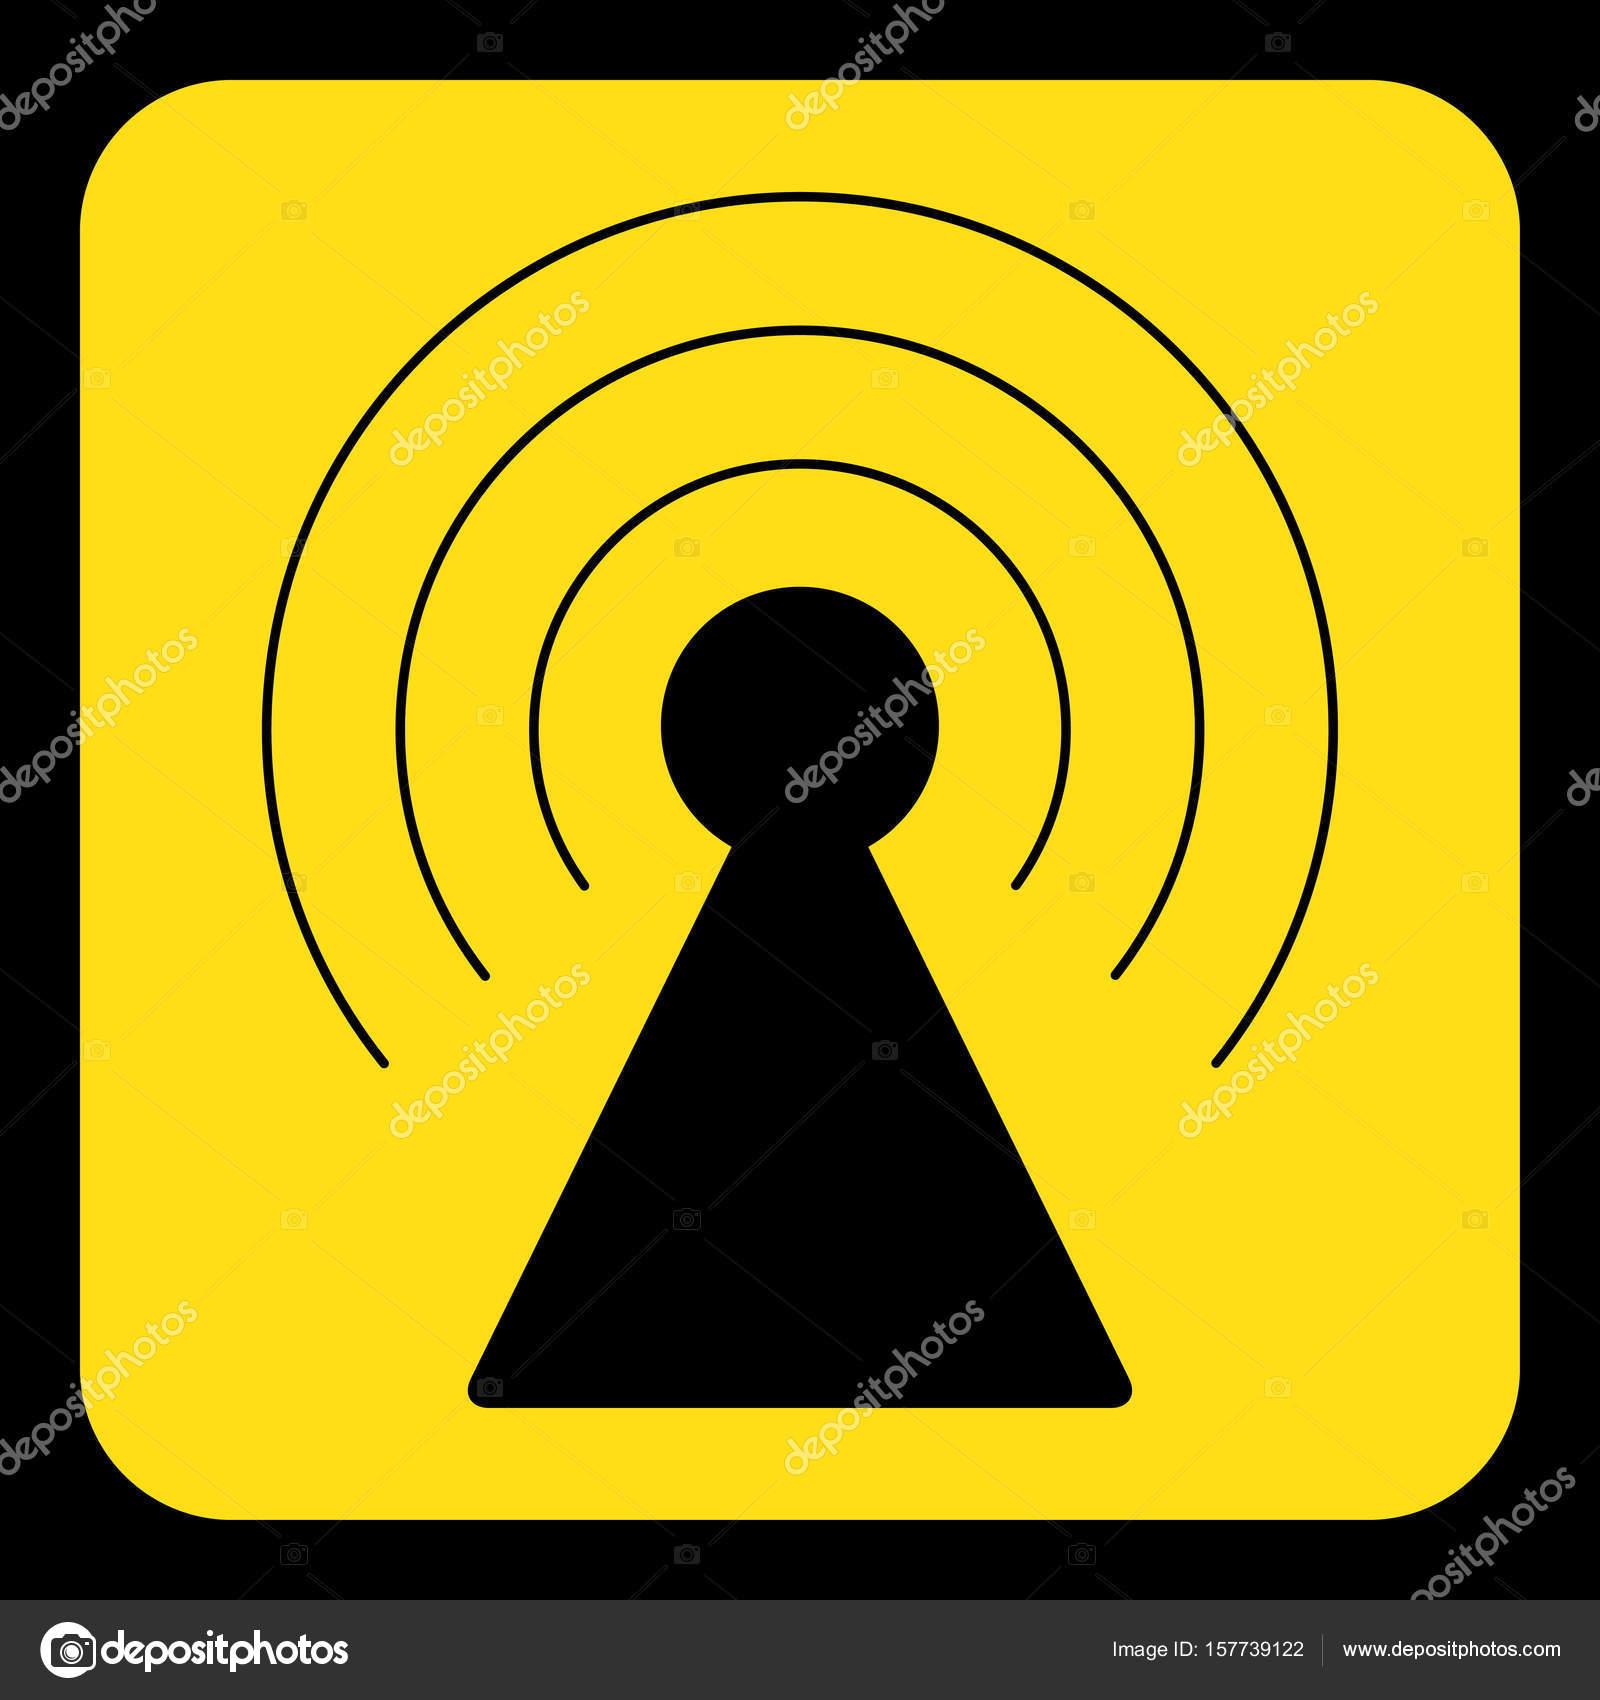 gelb, schwarze Zeichen - Sender Turm Symbol — Stockvektor © epapijon ...